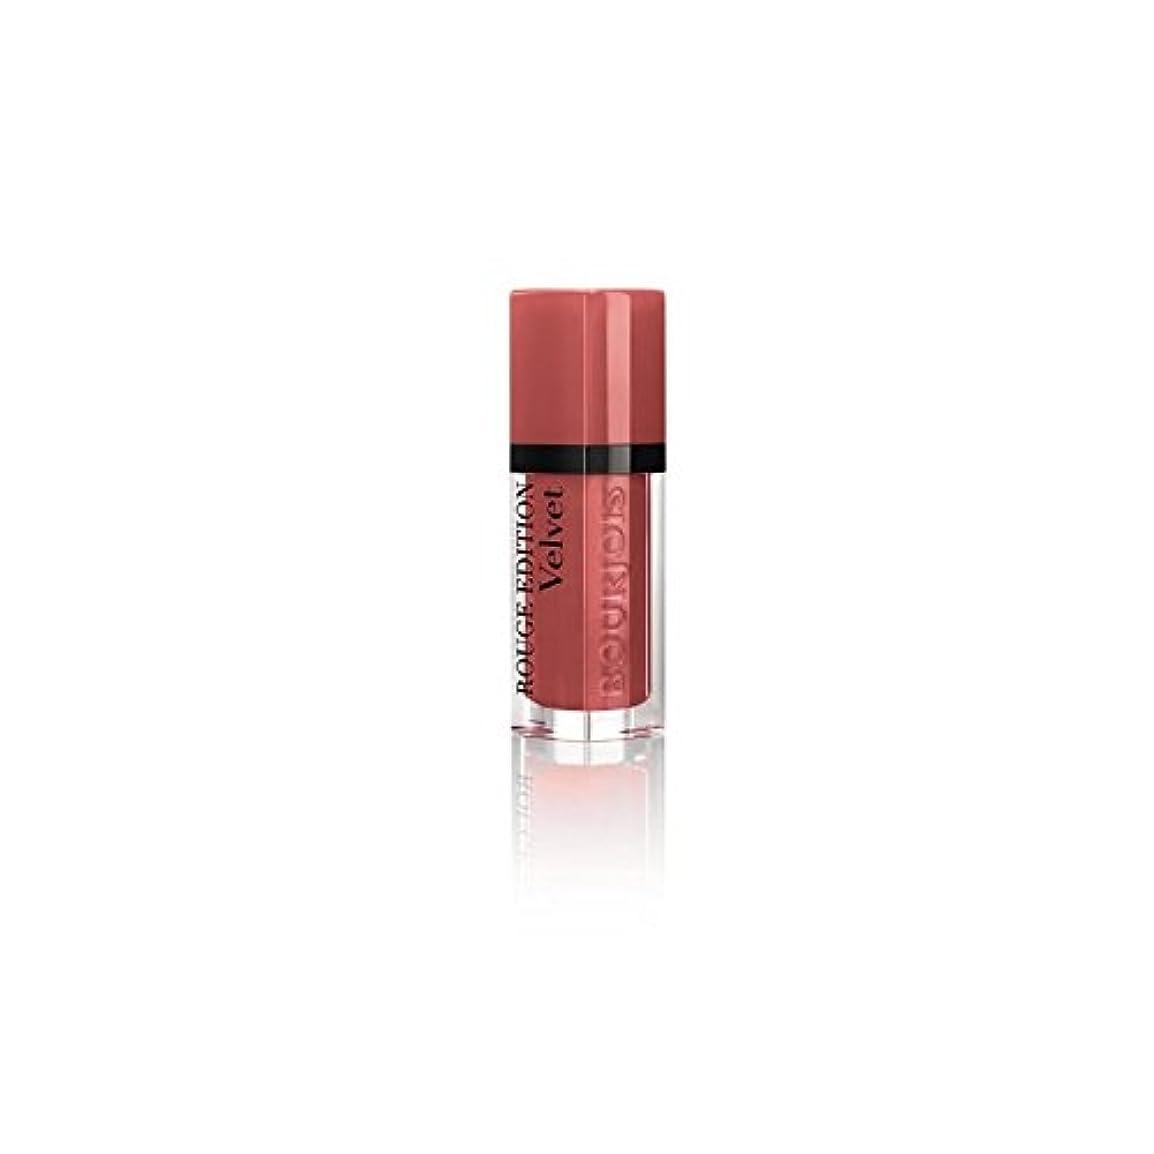 すすり泣き郡カートンブルジョワルージュ版ベルベットの口紅ボウ?ブラン 12 x4 - Bourjois Rouge Edition Velvet Lipstick Beau Brun T12 (Pack of 4) [並行輸入品]